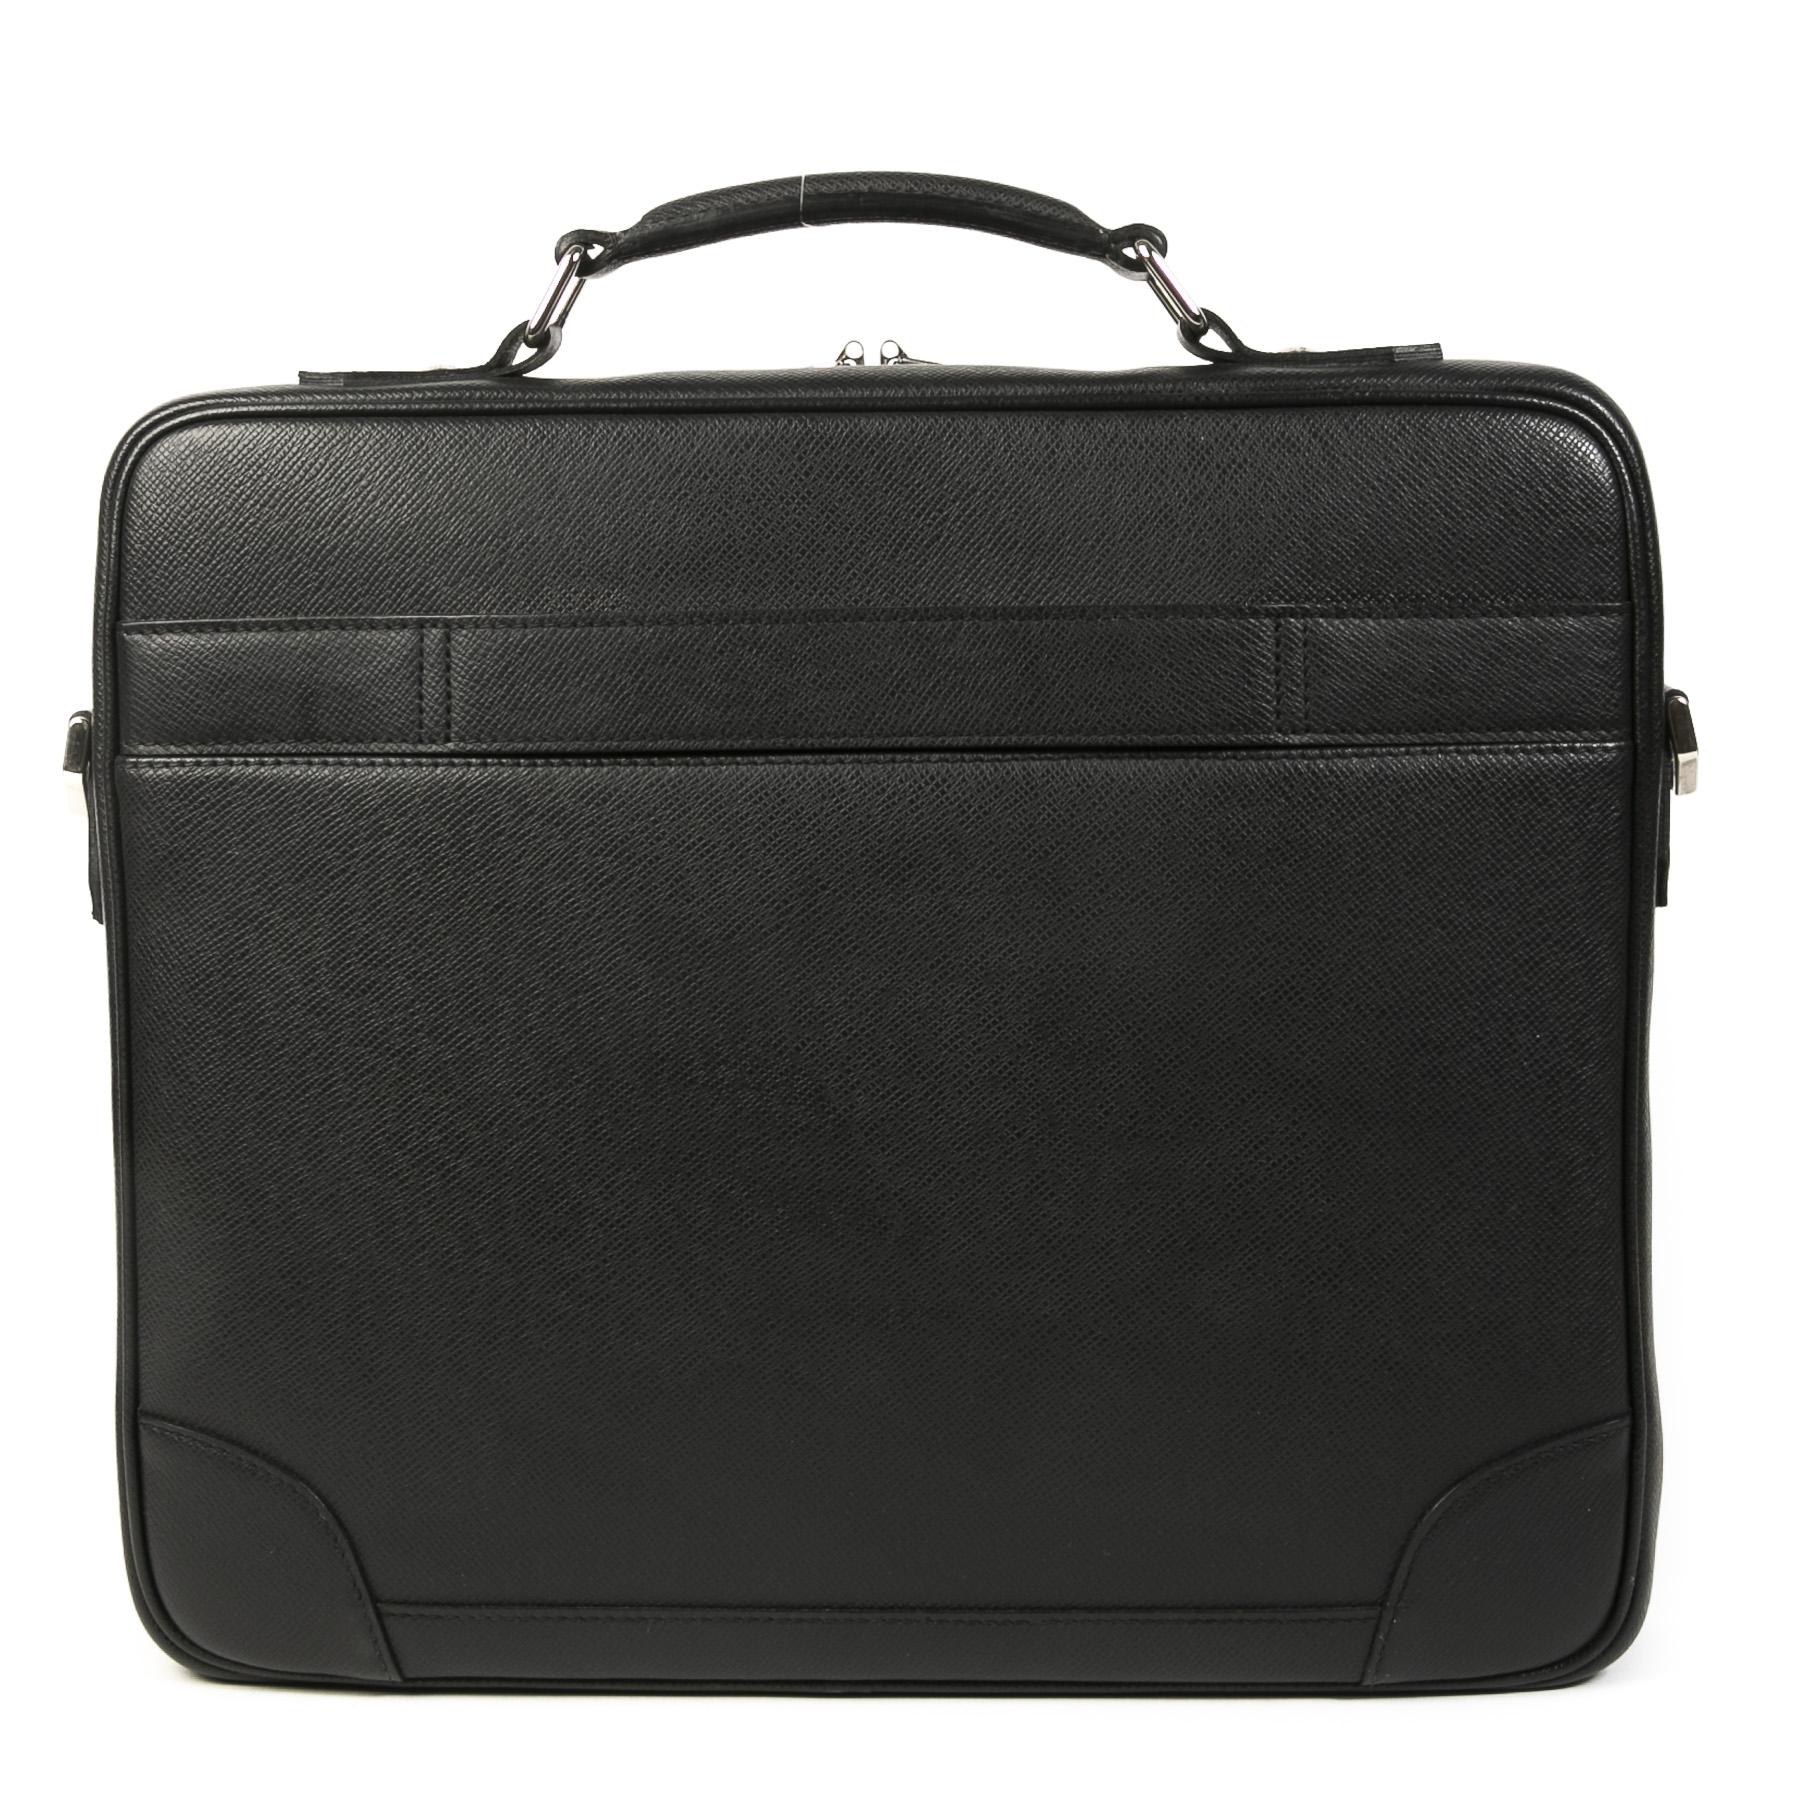 Authentieke Tweedehands Louis Vuitton Black Leather Laptop Bag juiste prijs veilig online shoppen luxe merken webshop winkelen Antwerpen België mode fashion